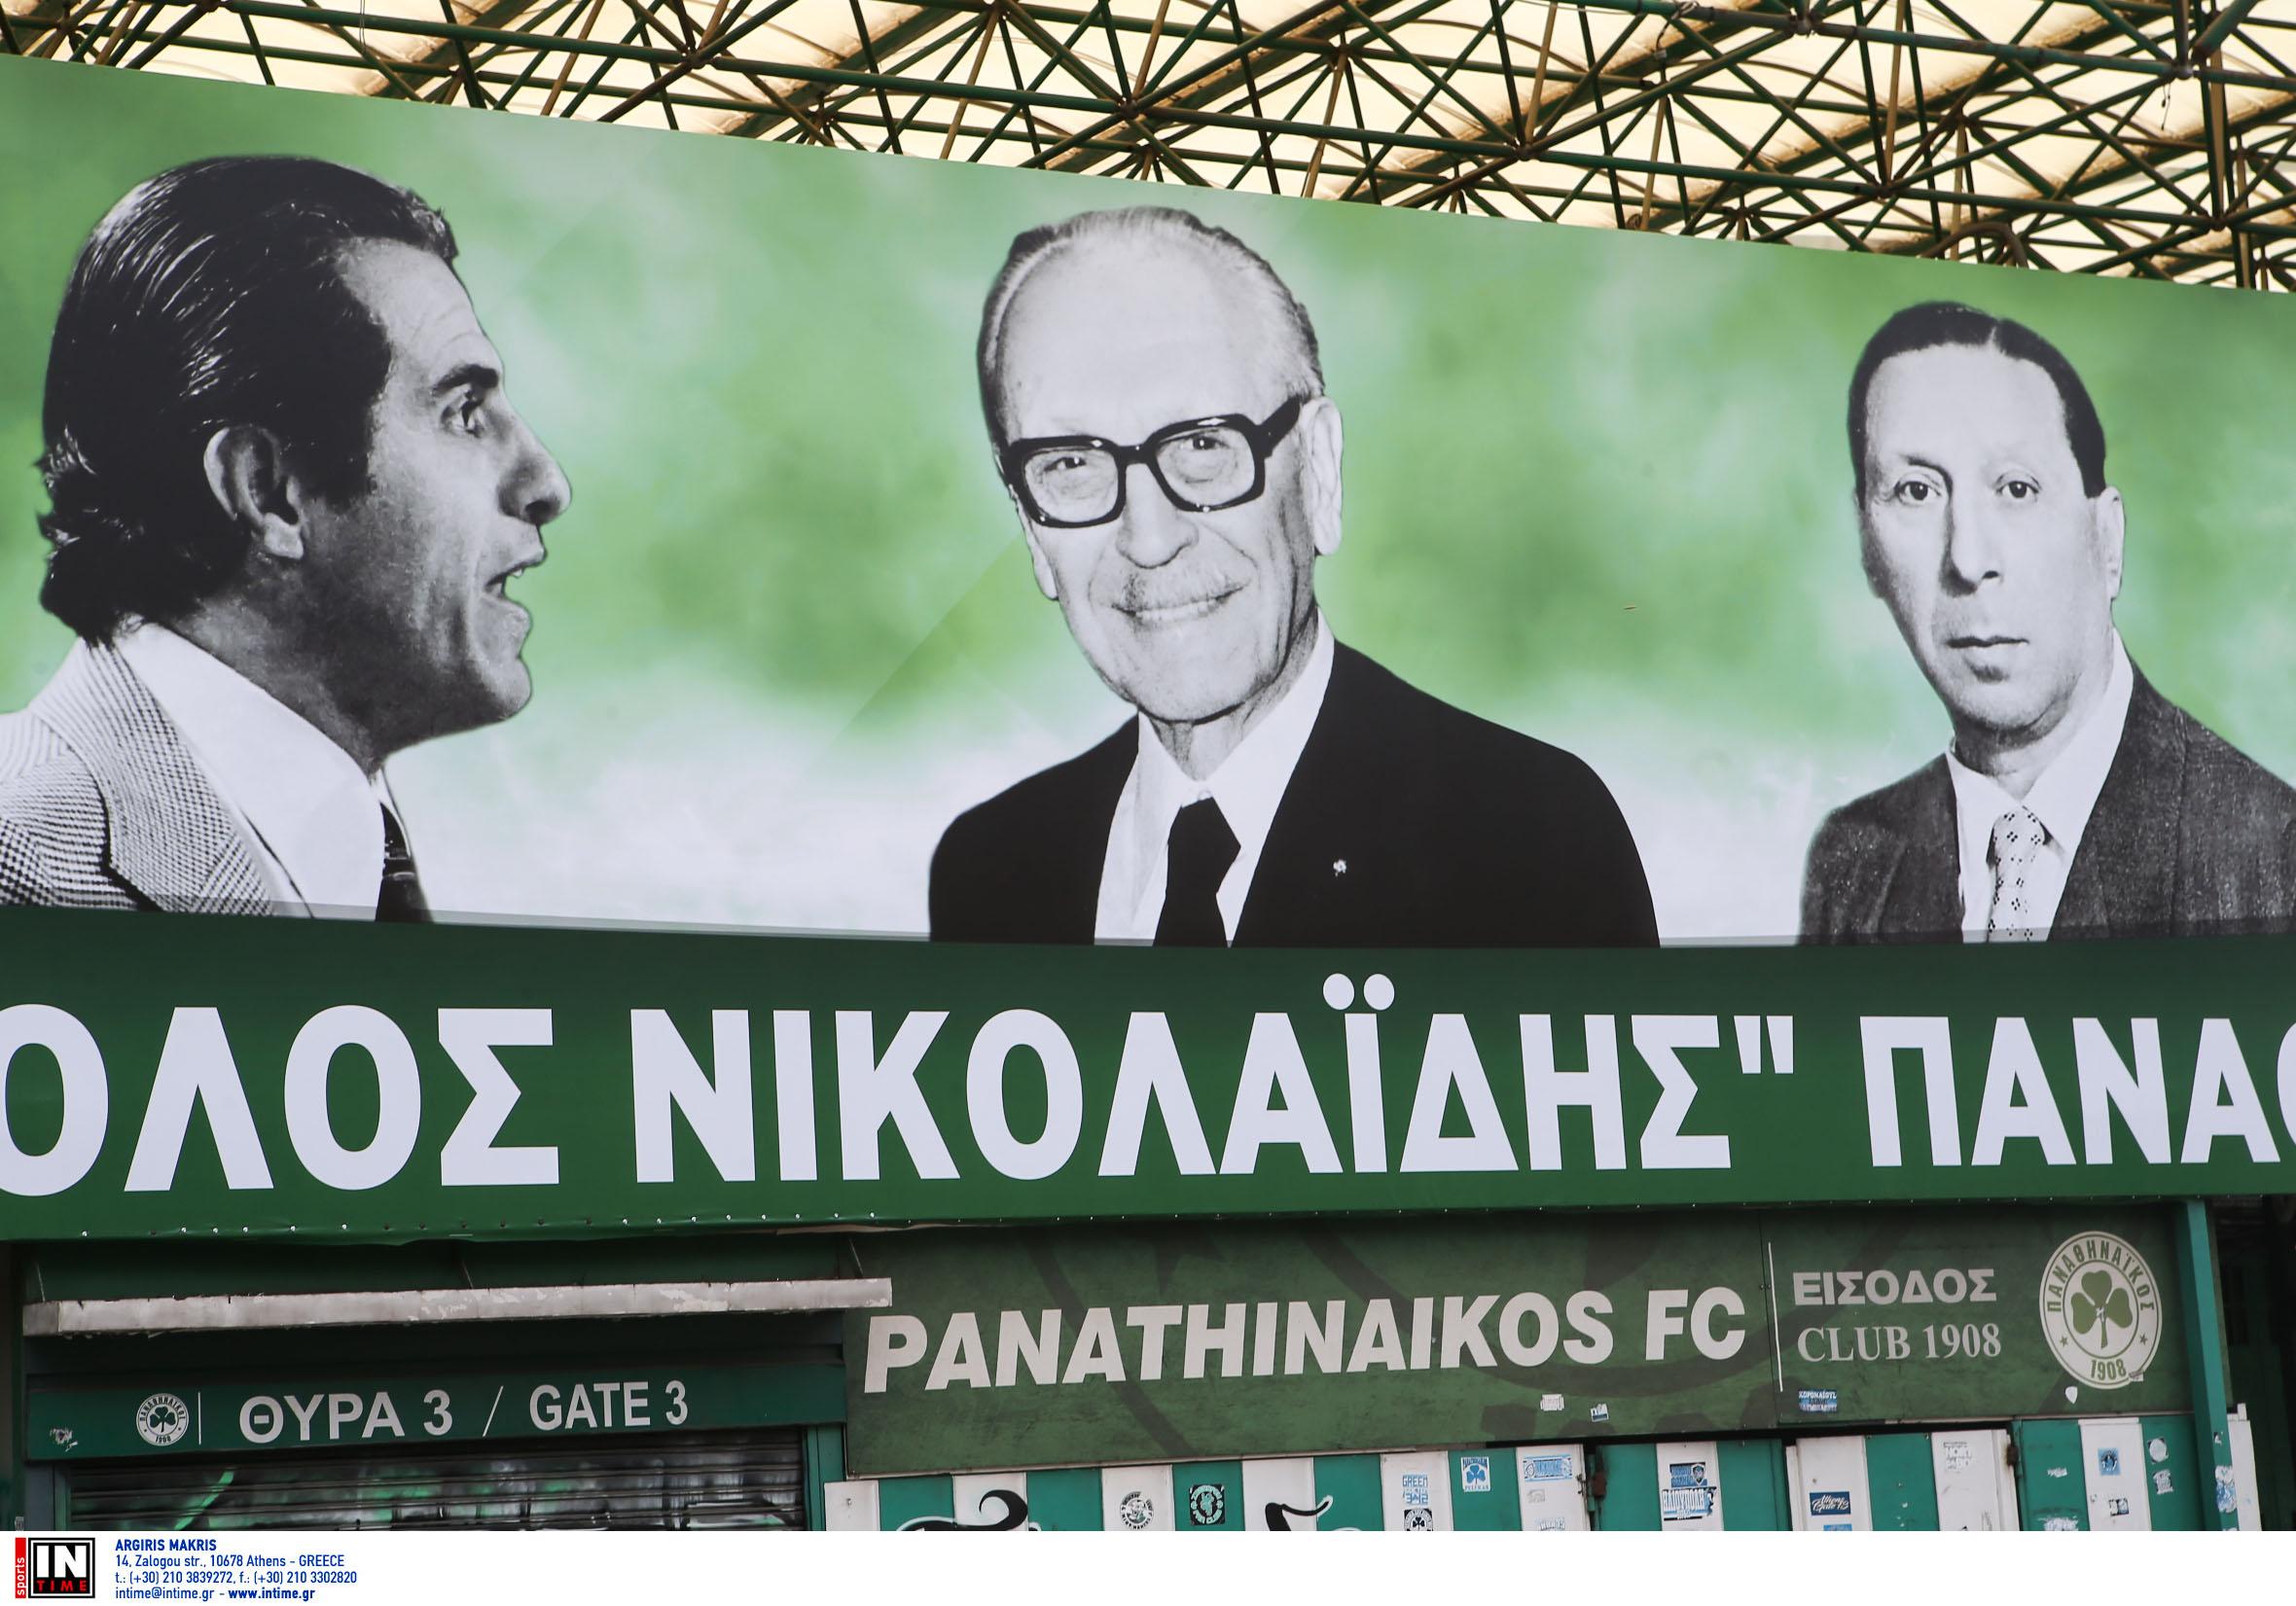 Παναθηναϊκός: Αποκαλύφθηκαν οι τρεις ιστορικές μορφές του συλλόγου στο γήπεδο της Λεωφόρου